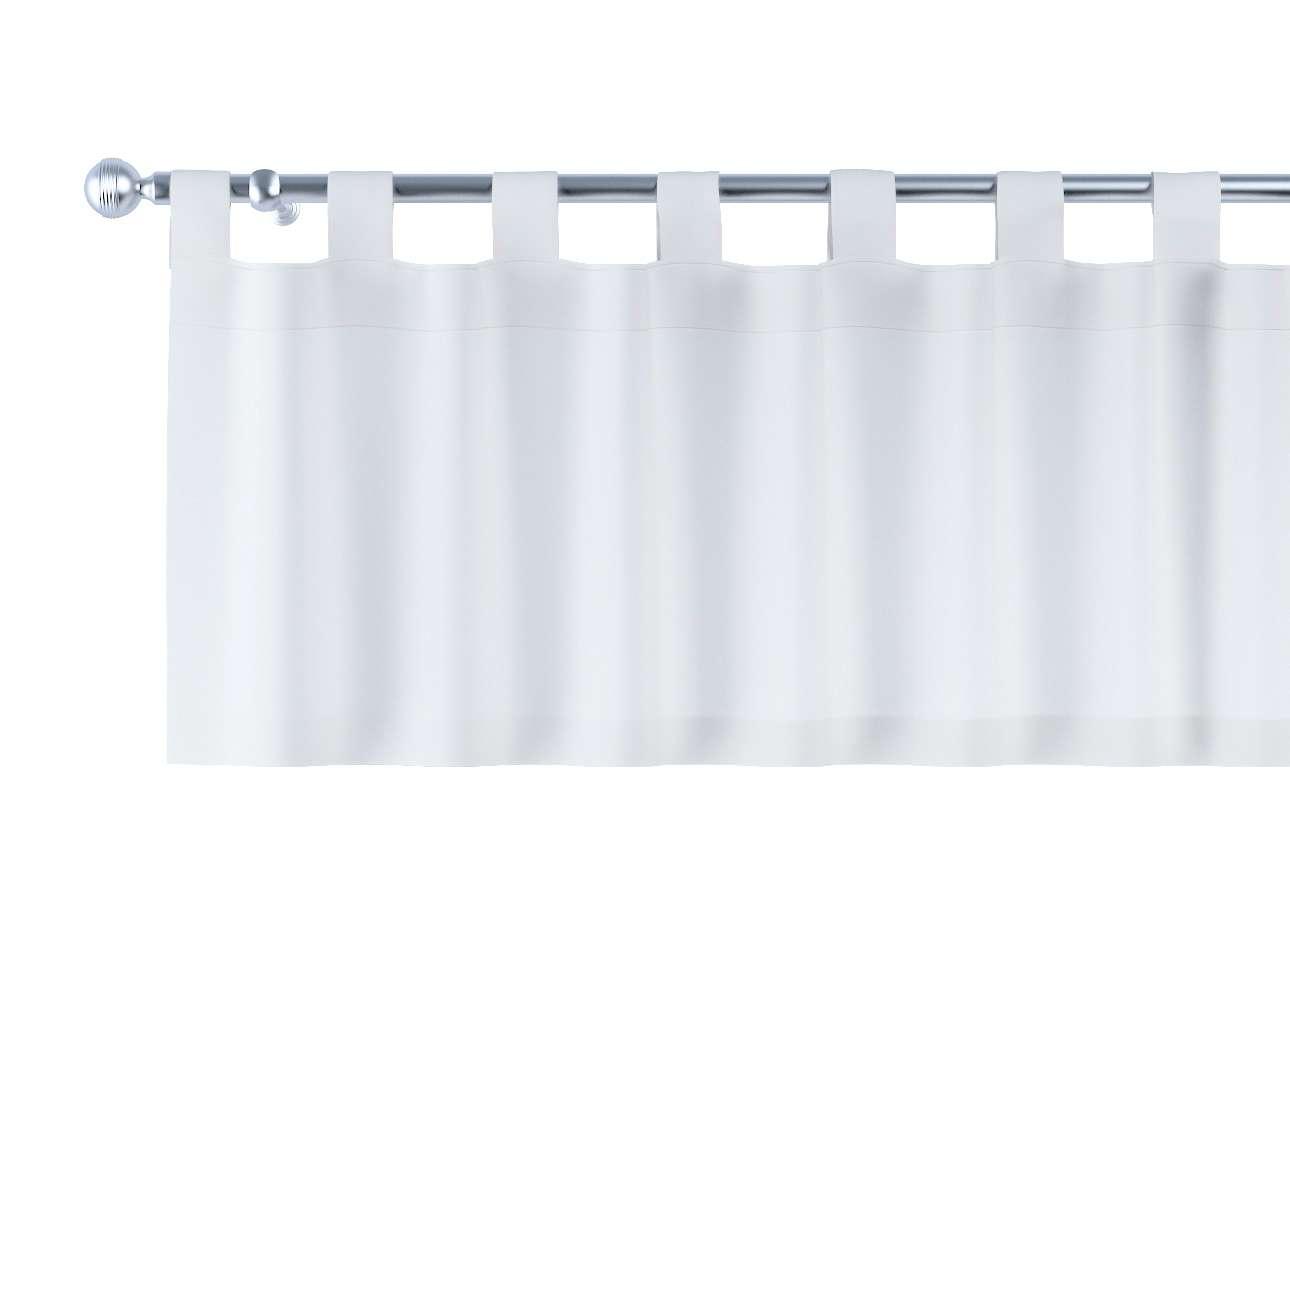 Gardinkappe med stropper 130x40cm fra kollektionen Comics, Stof: 139-00